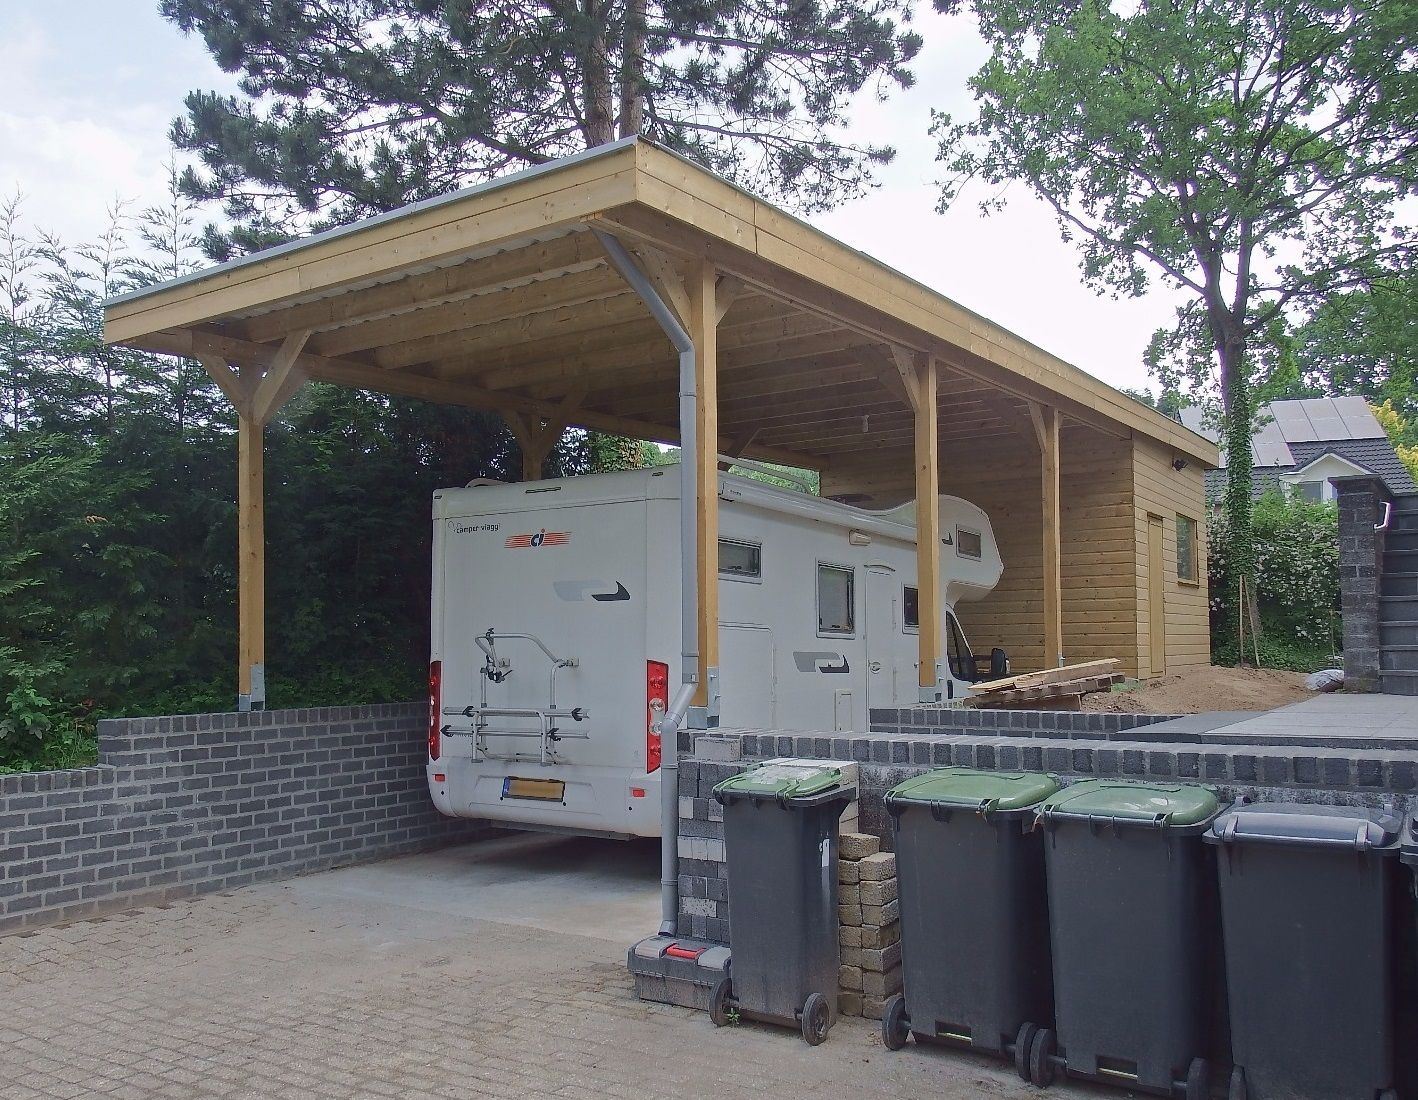 Voordelige Camper Carports In Alle Afmetingen Goedkopecarports Nl Carport Camper Tuinhuis